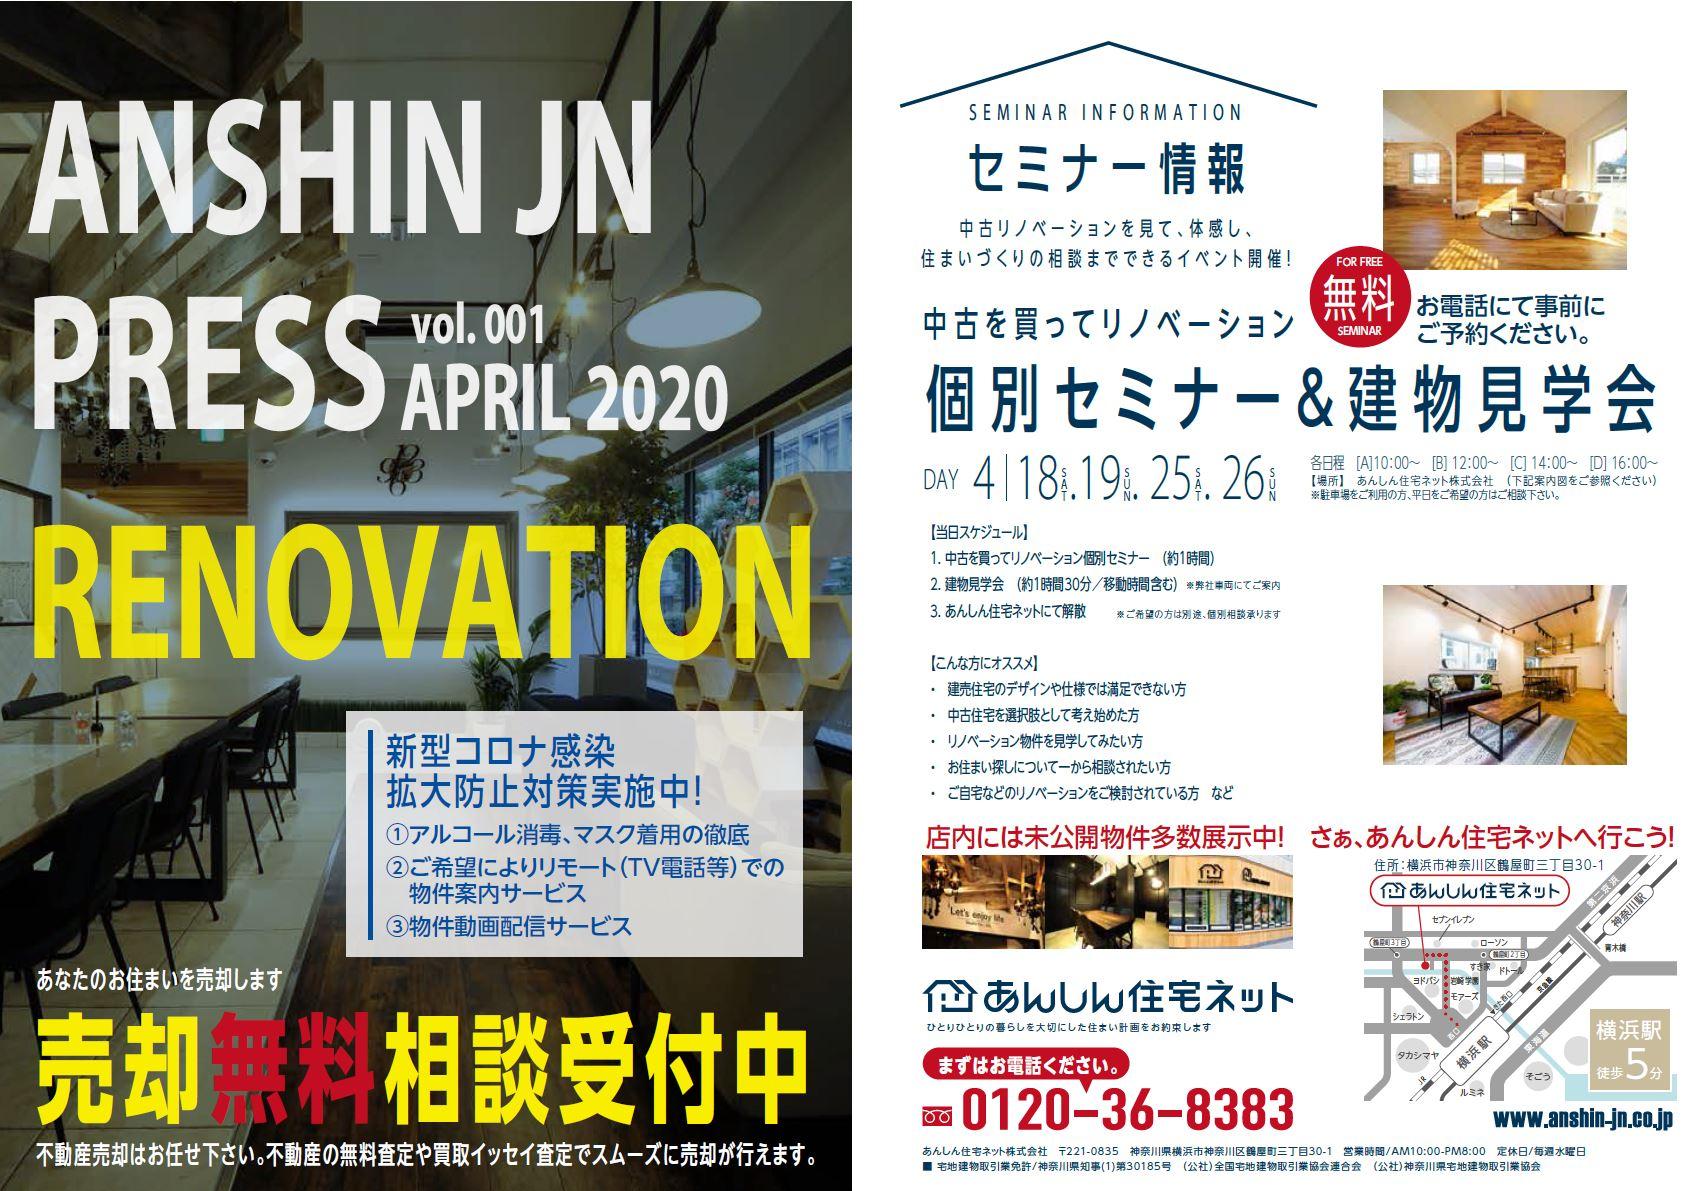 【無料・1日4回開催】個別セミナー&建物見学会 4/26(日)10時~